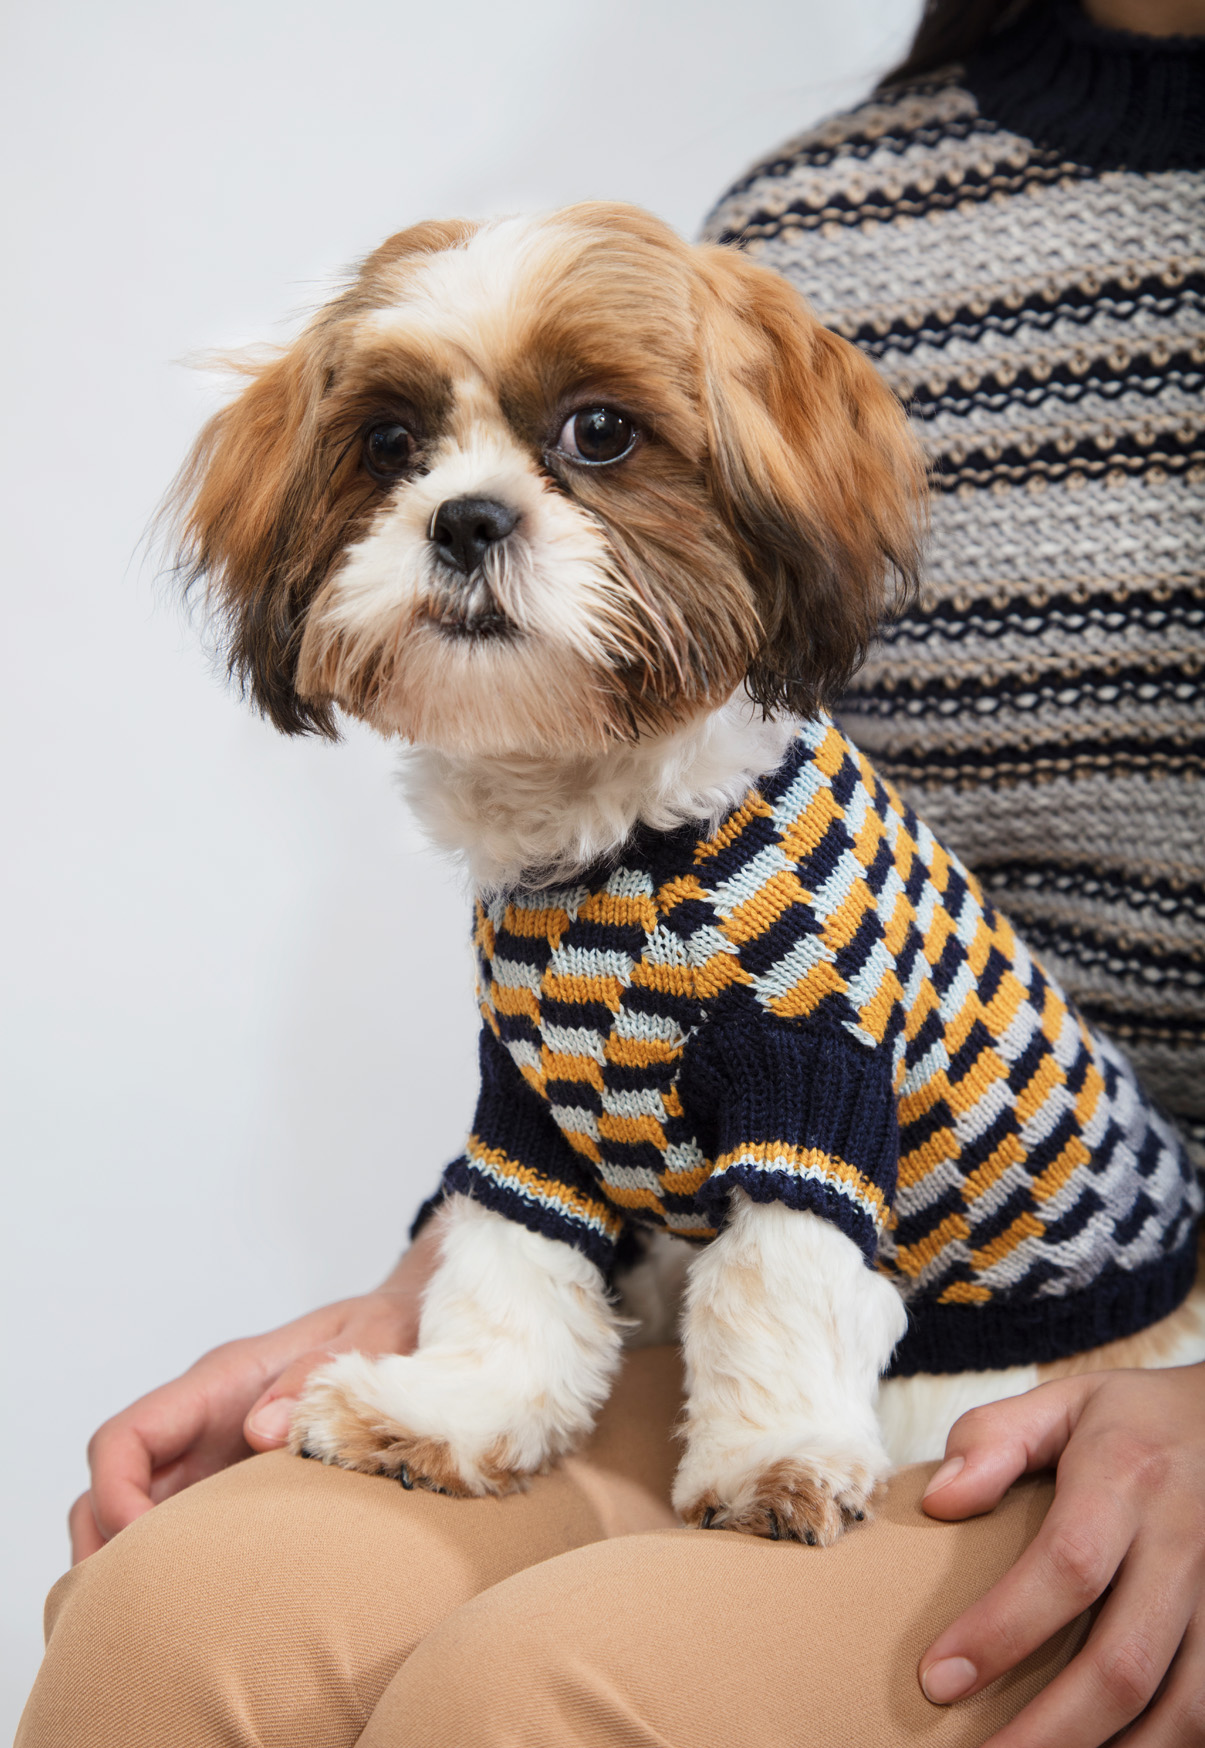 DOGWEAR COLLECTION UK